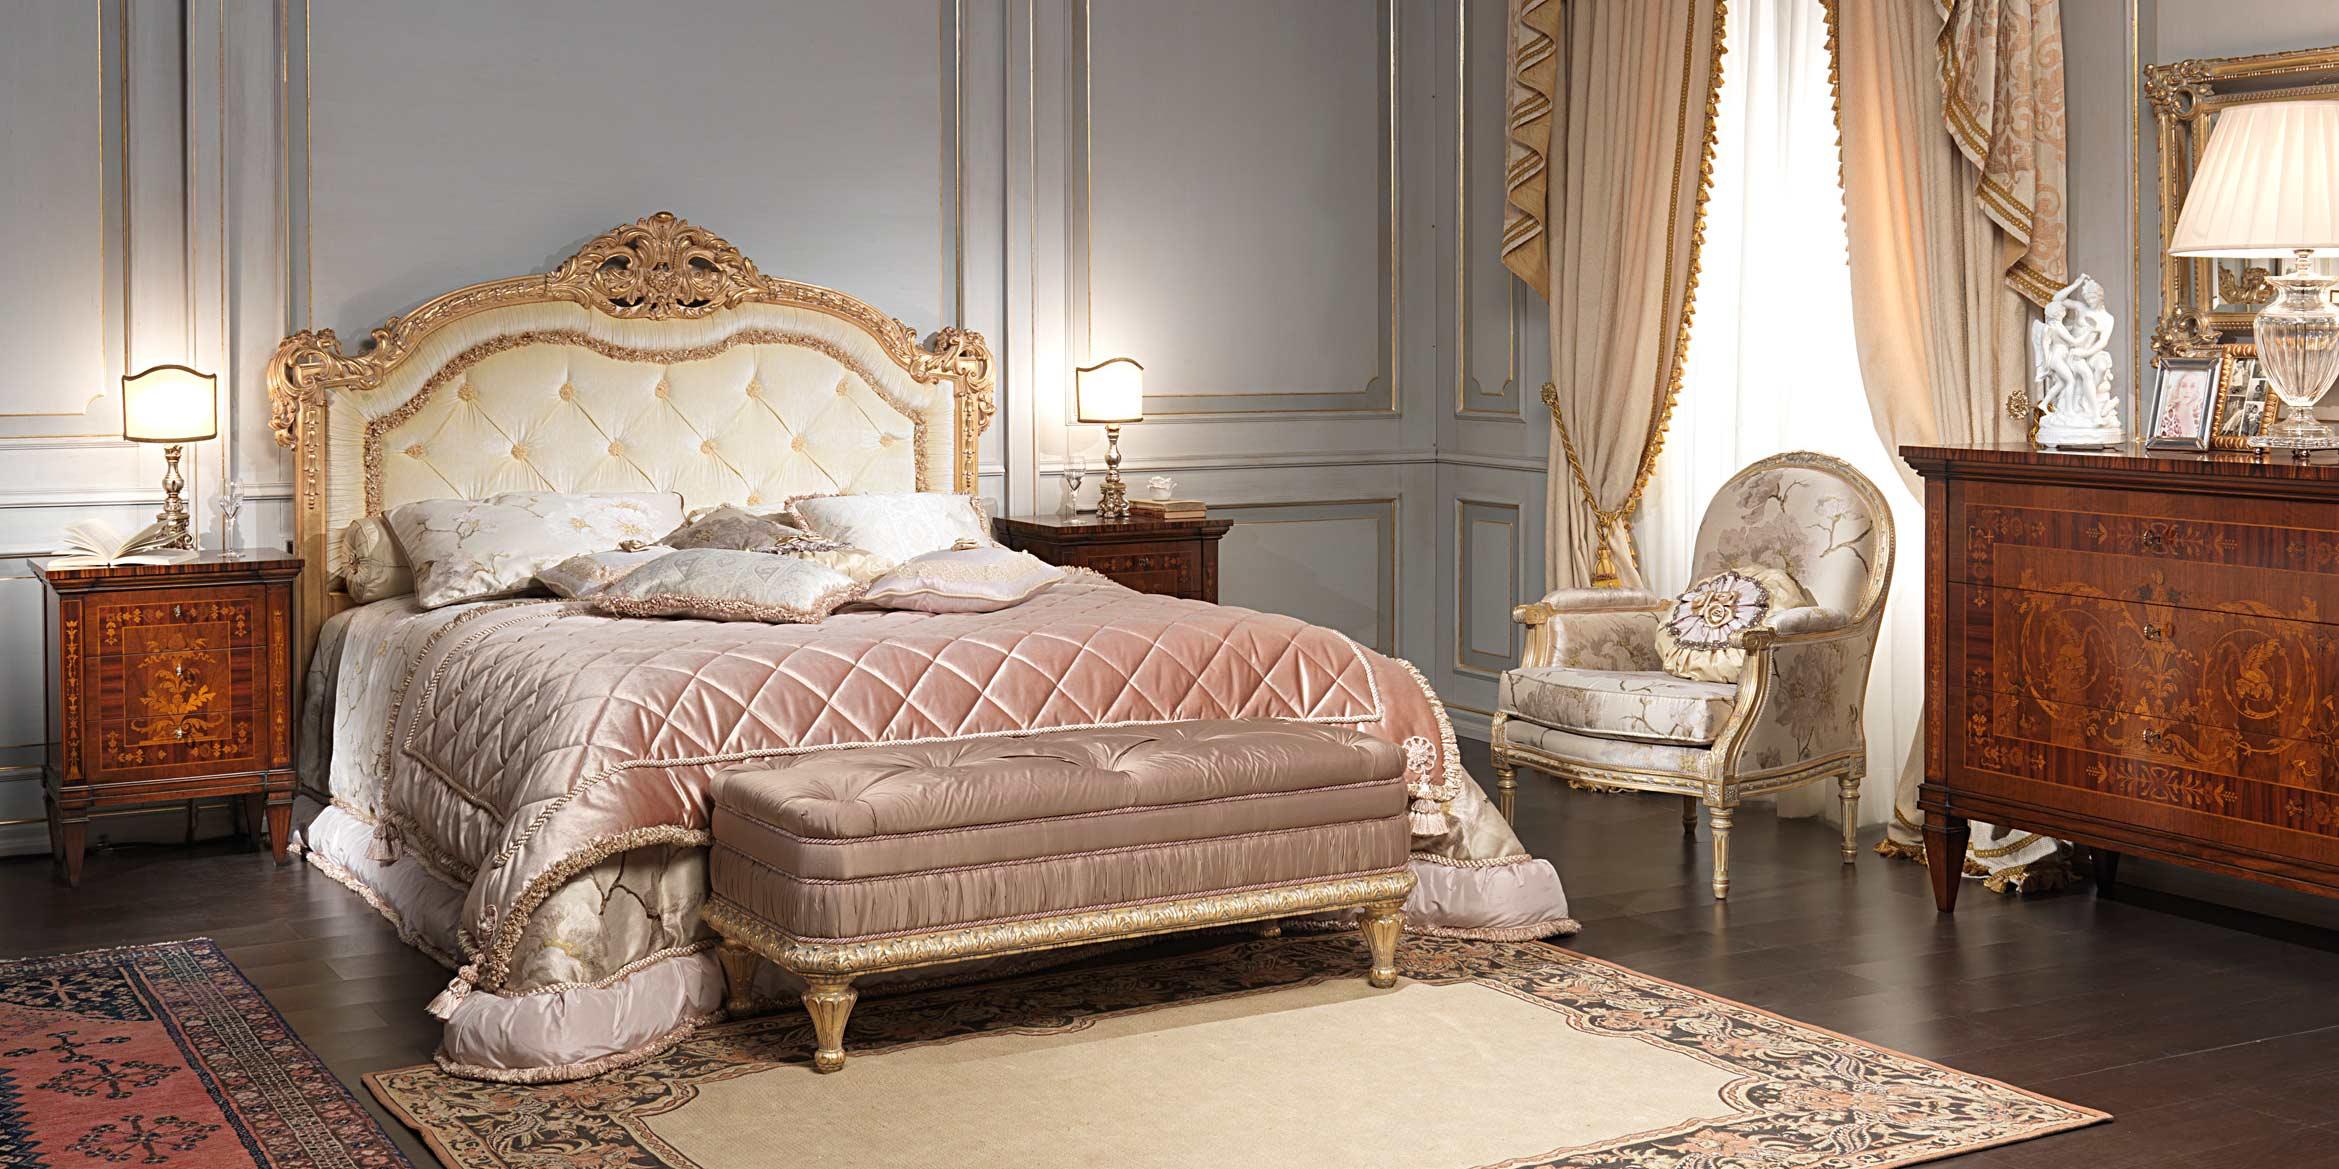 Camera da letto classica i maggiolini letto comodini e com - Camera da letto classica ...